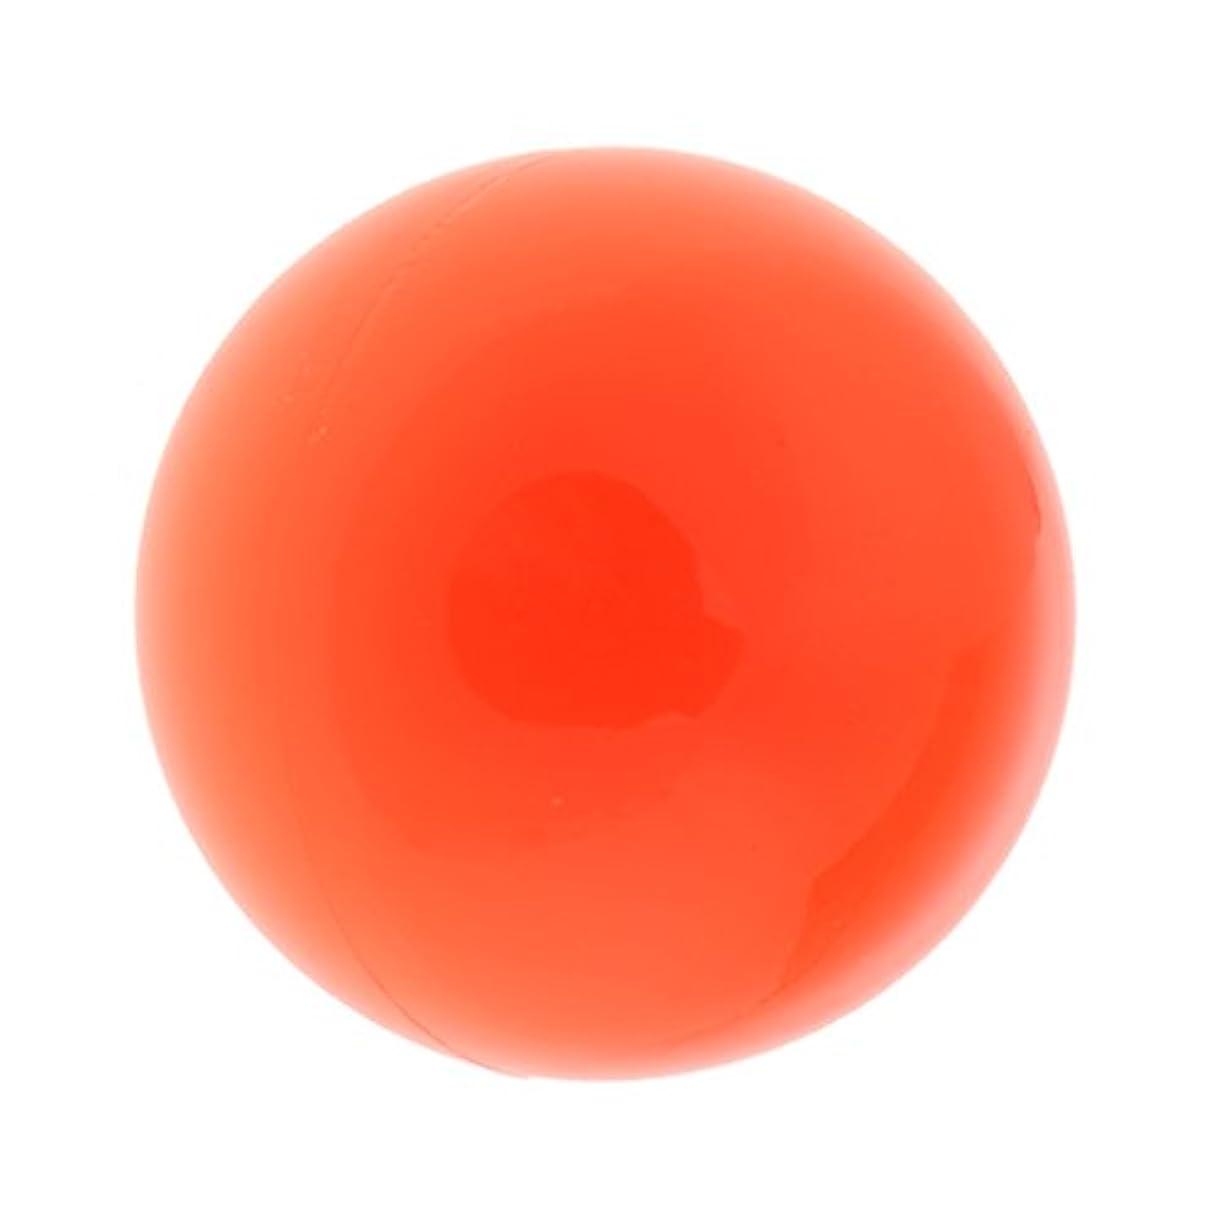 第三代理店スタウトFenteer ラクロスマッサージボール マッサージボール マッサージ 手のひら 足 腕 首 背中 足首 ジム ホーム 便利 オレンジ